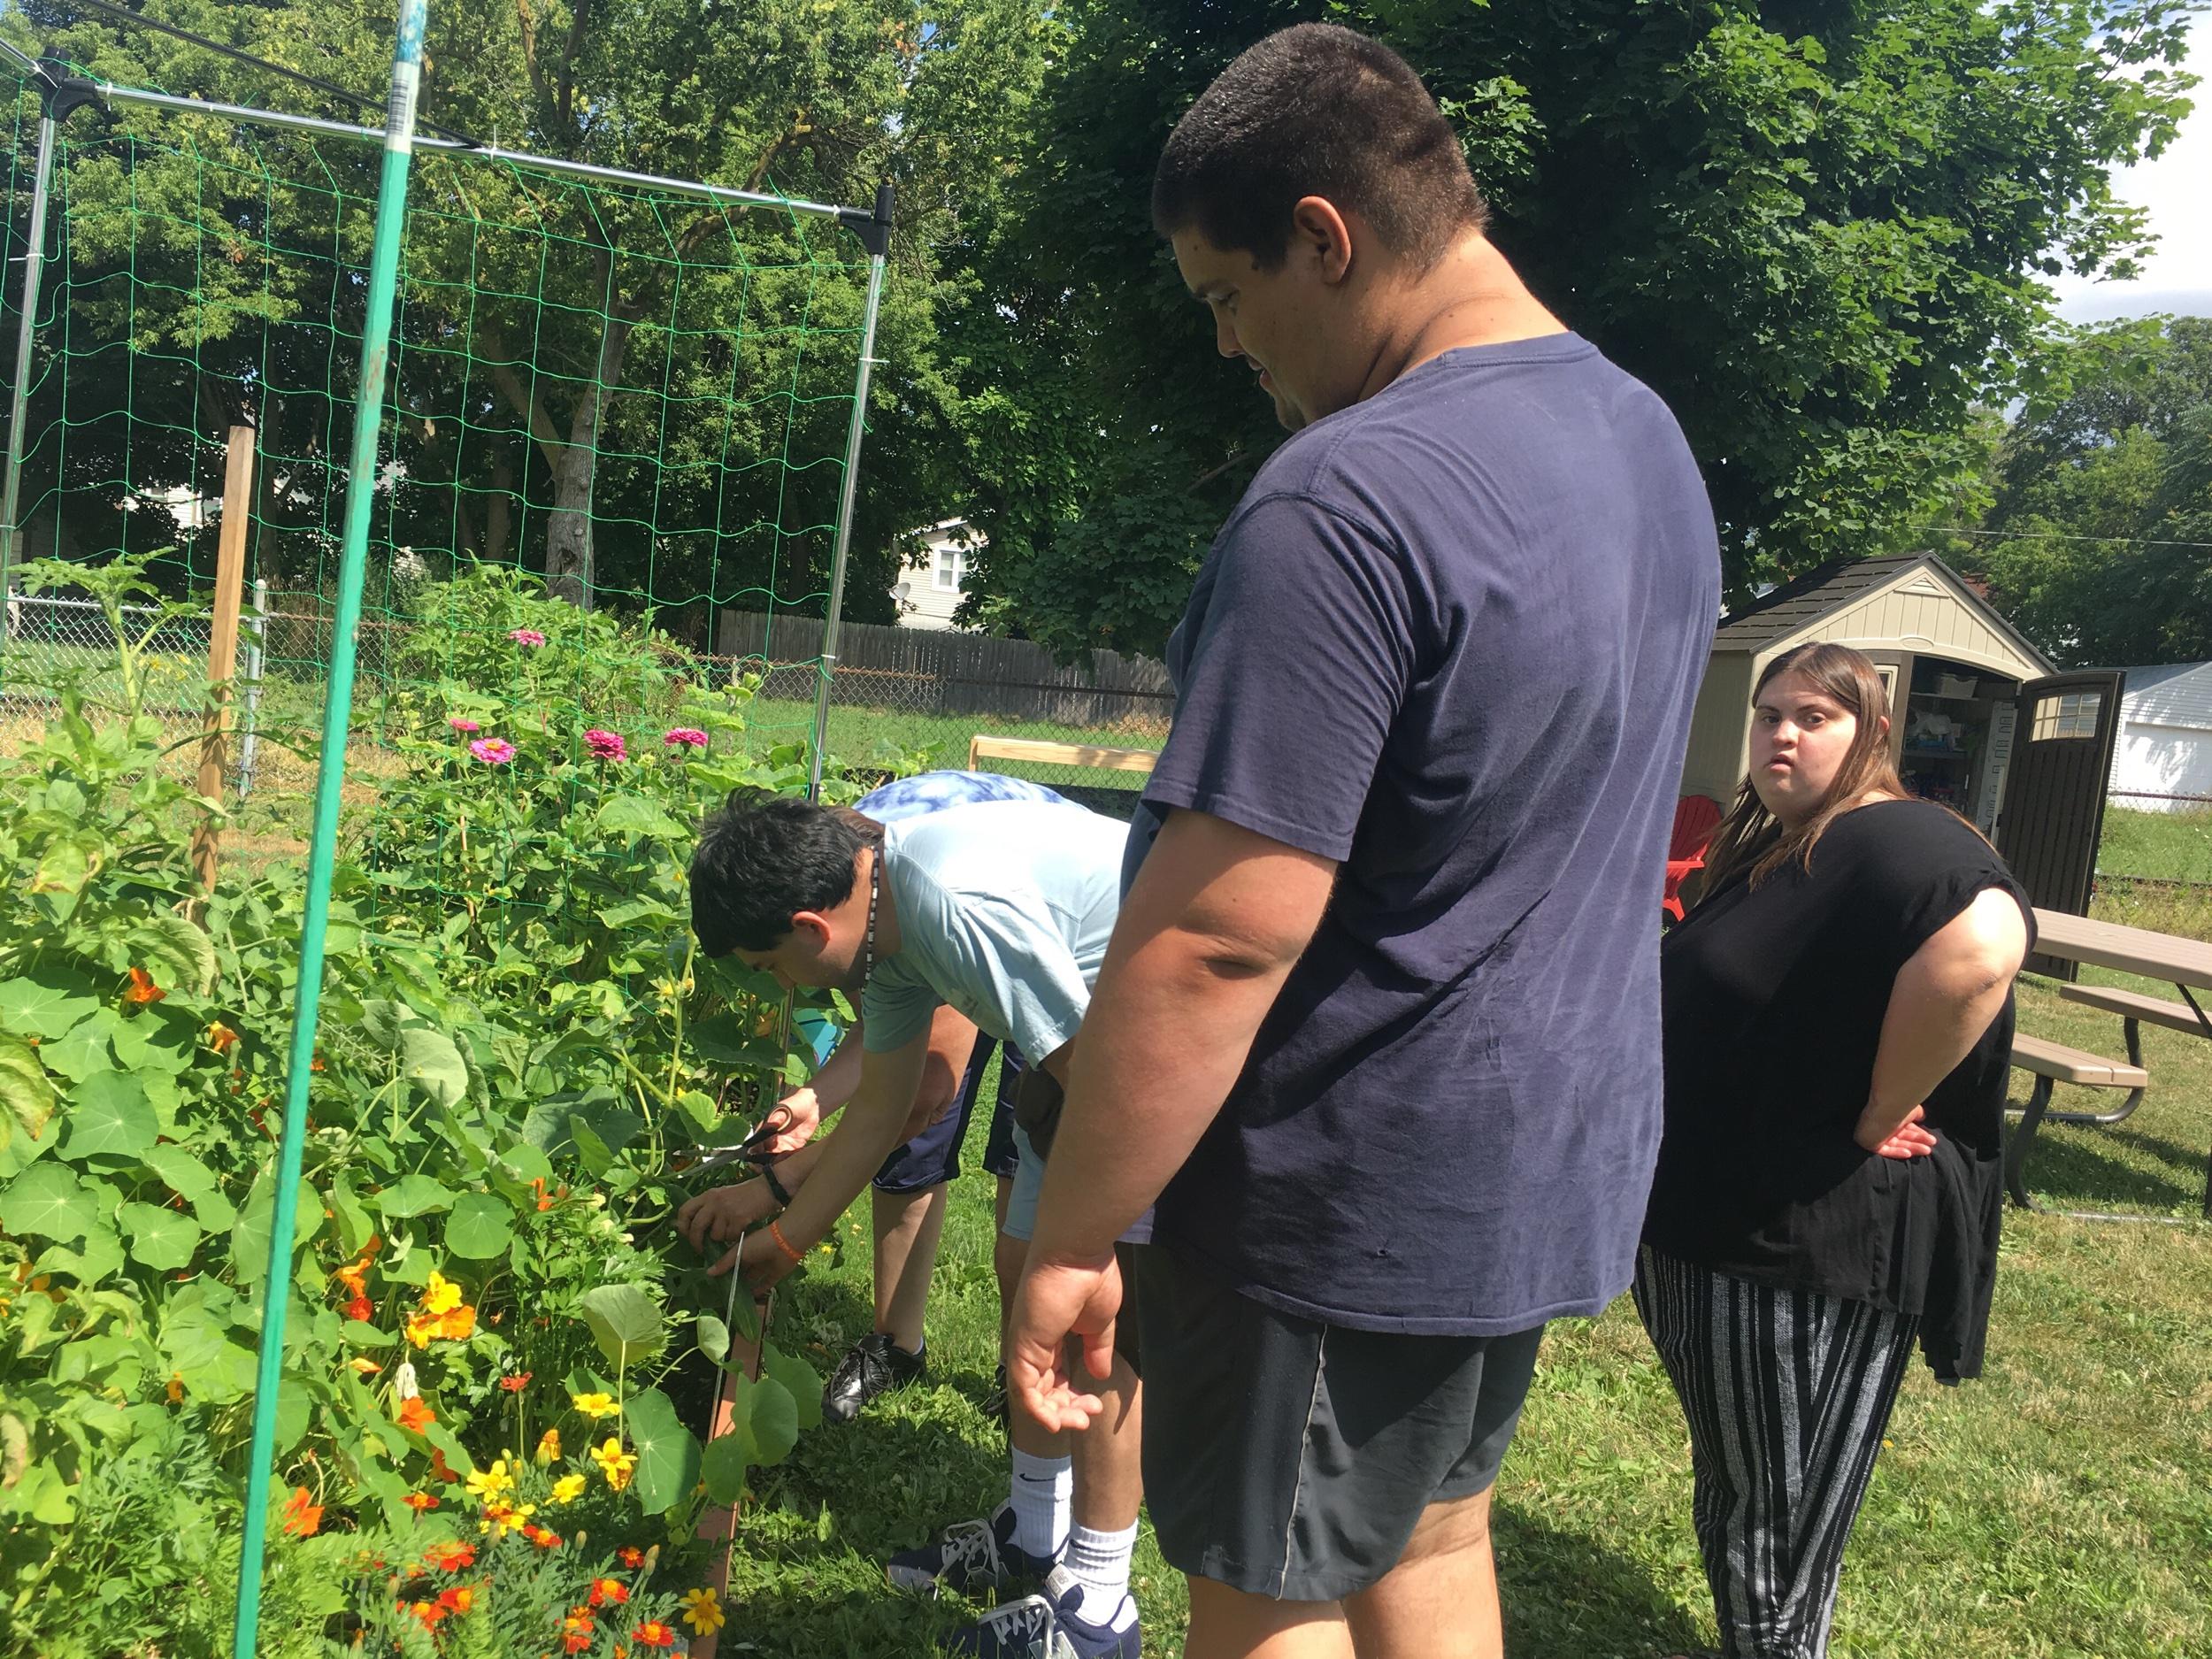 Picking cucumber